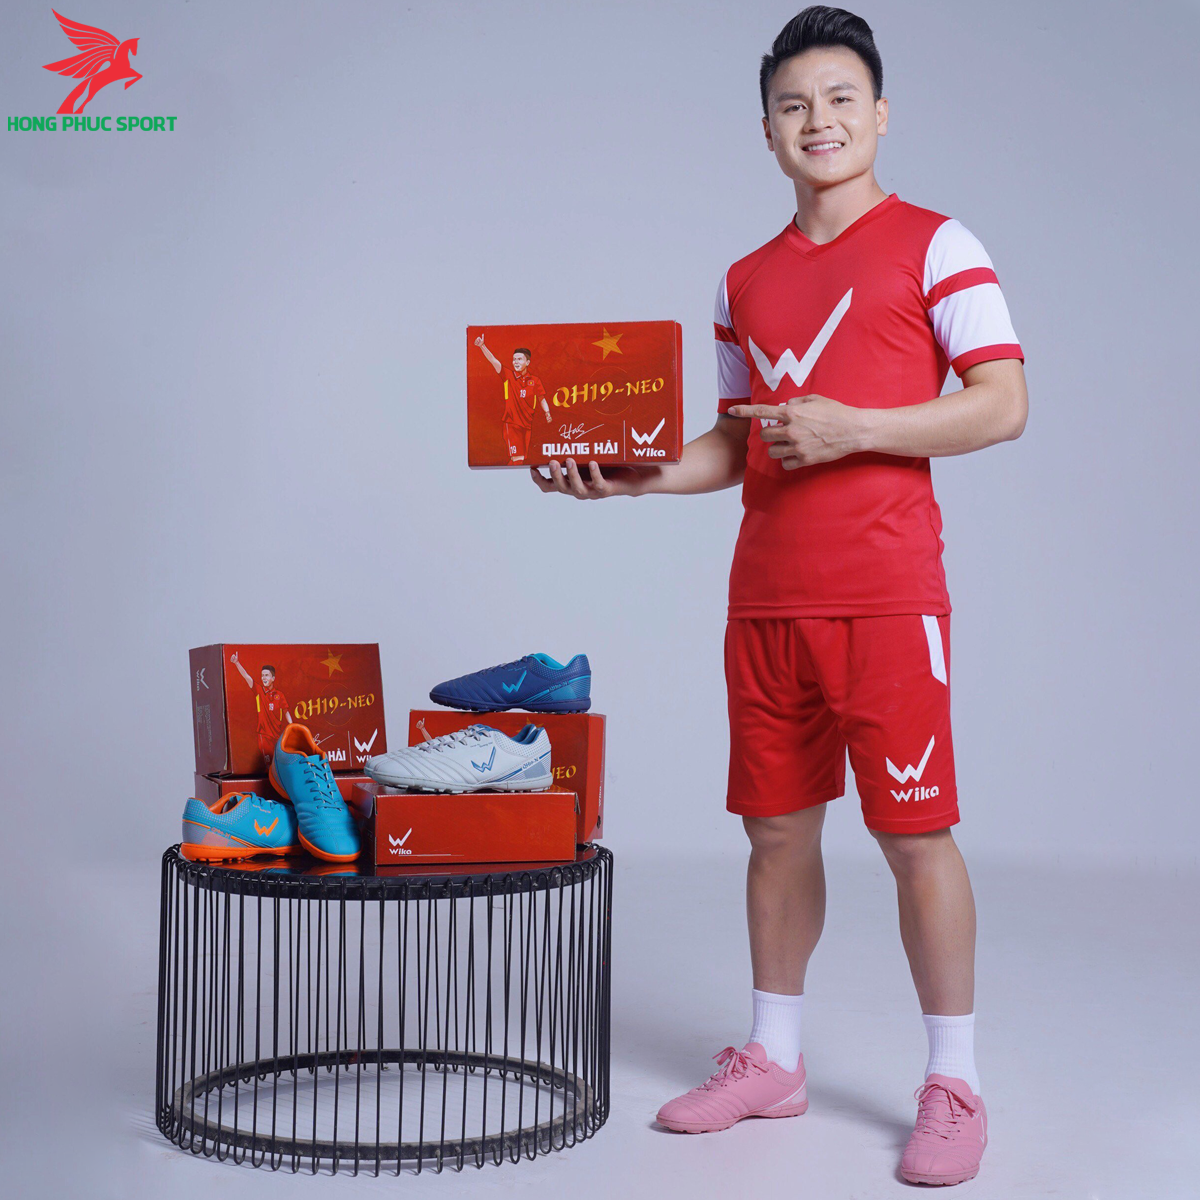 https://cdn.hongphucsport.com/unsafe/s4.shopbay.vn/files/285/giay-da-bong-wika-qh19-neo-2-605866f59cfaa.png